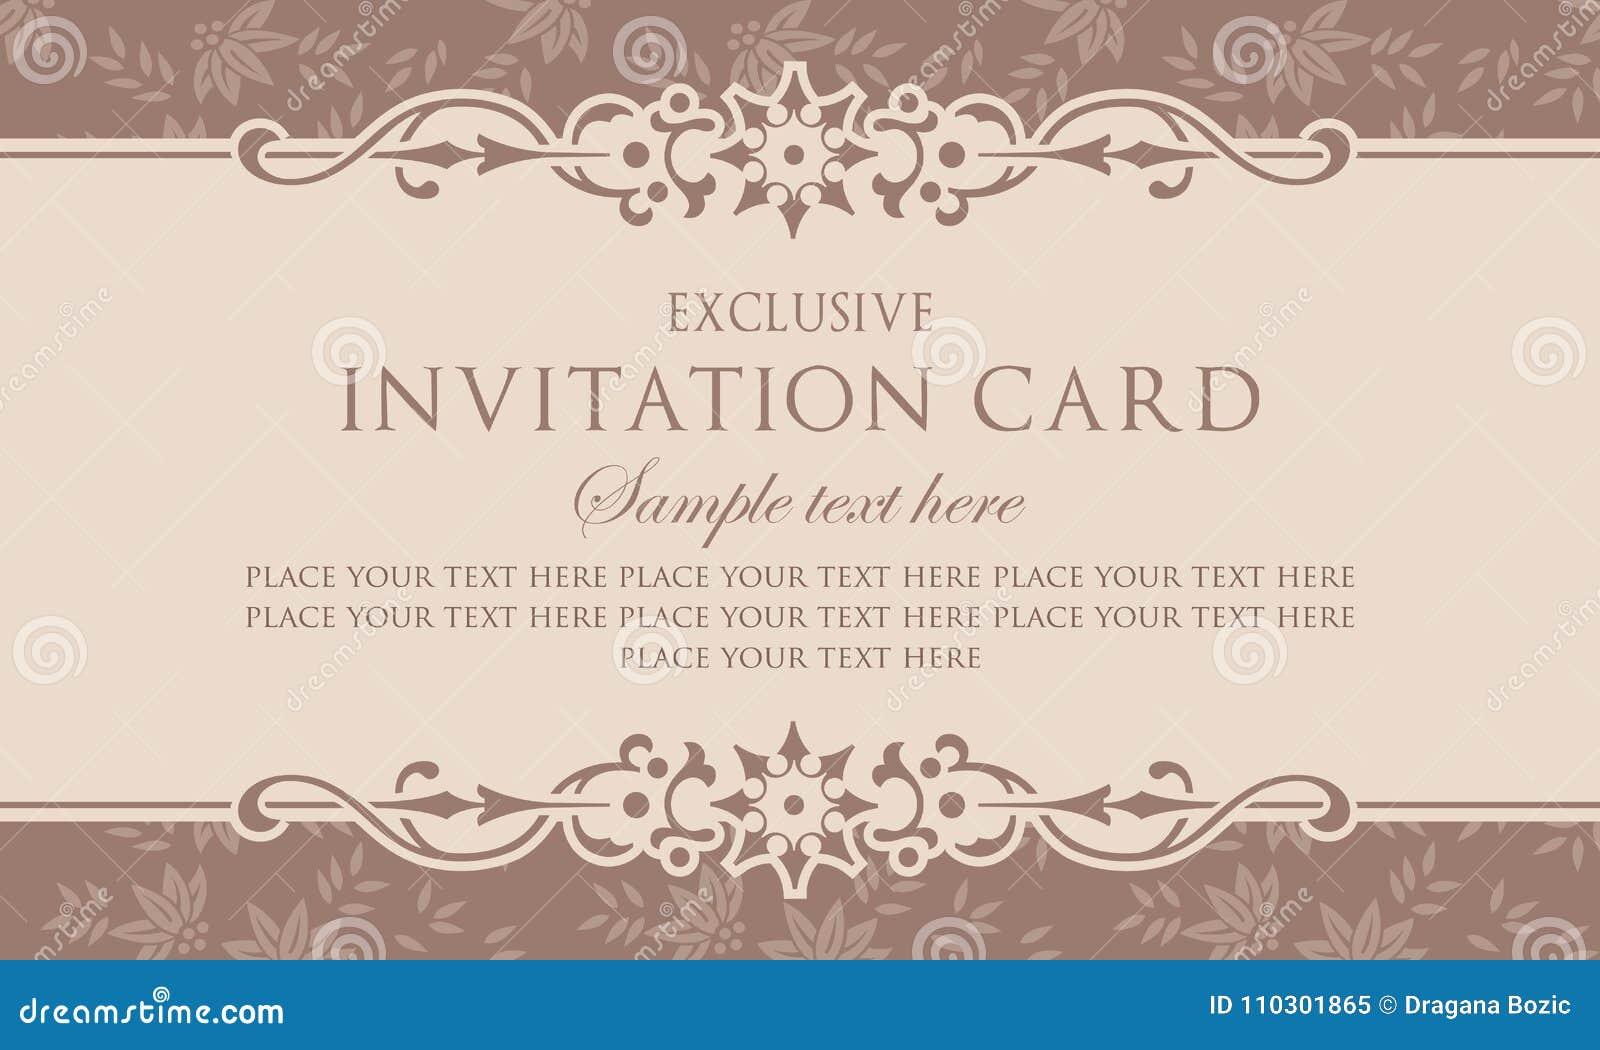 Plantilla De La Tarjeta De La Invitación Estilo Exclusivo